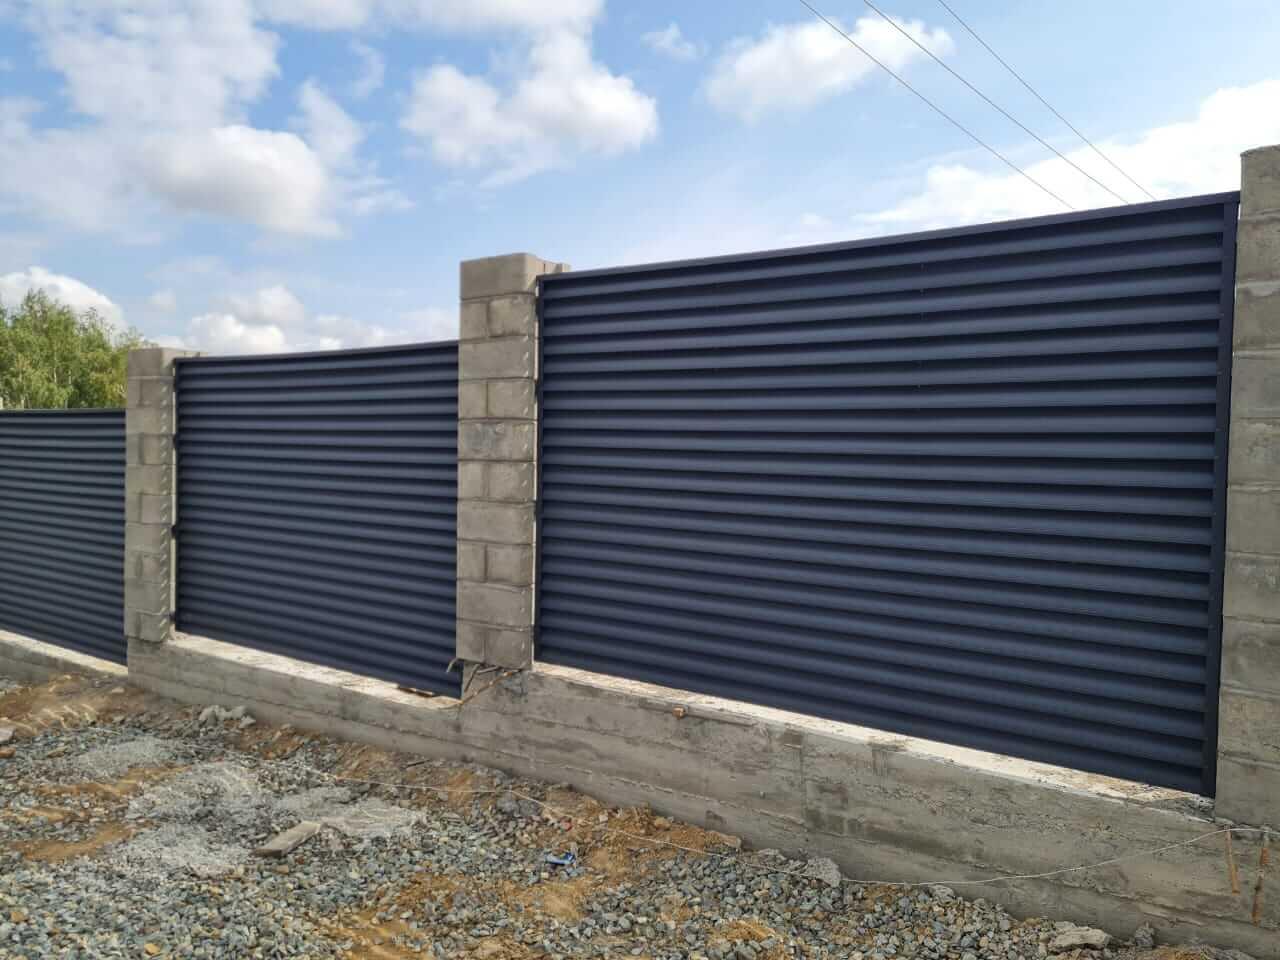 забор-жалюзи серый графит матовый фото1